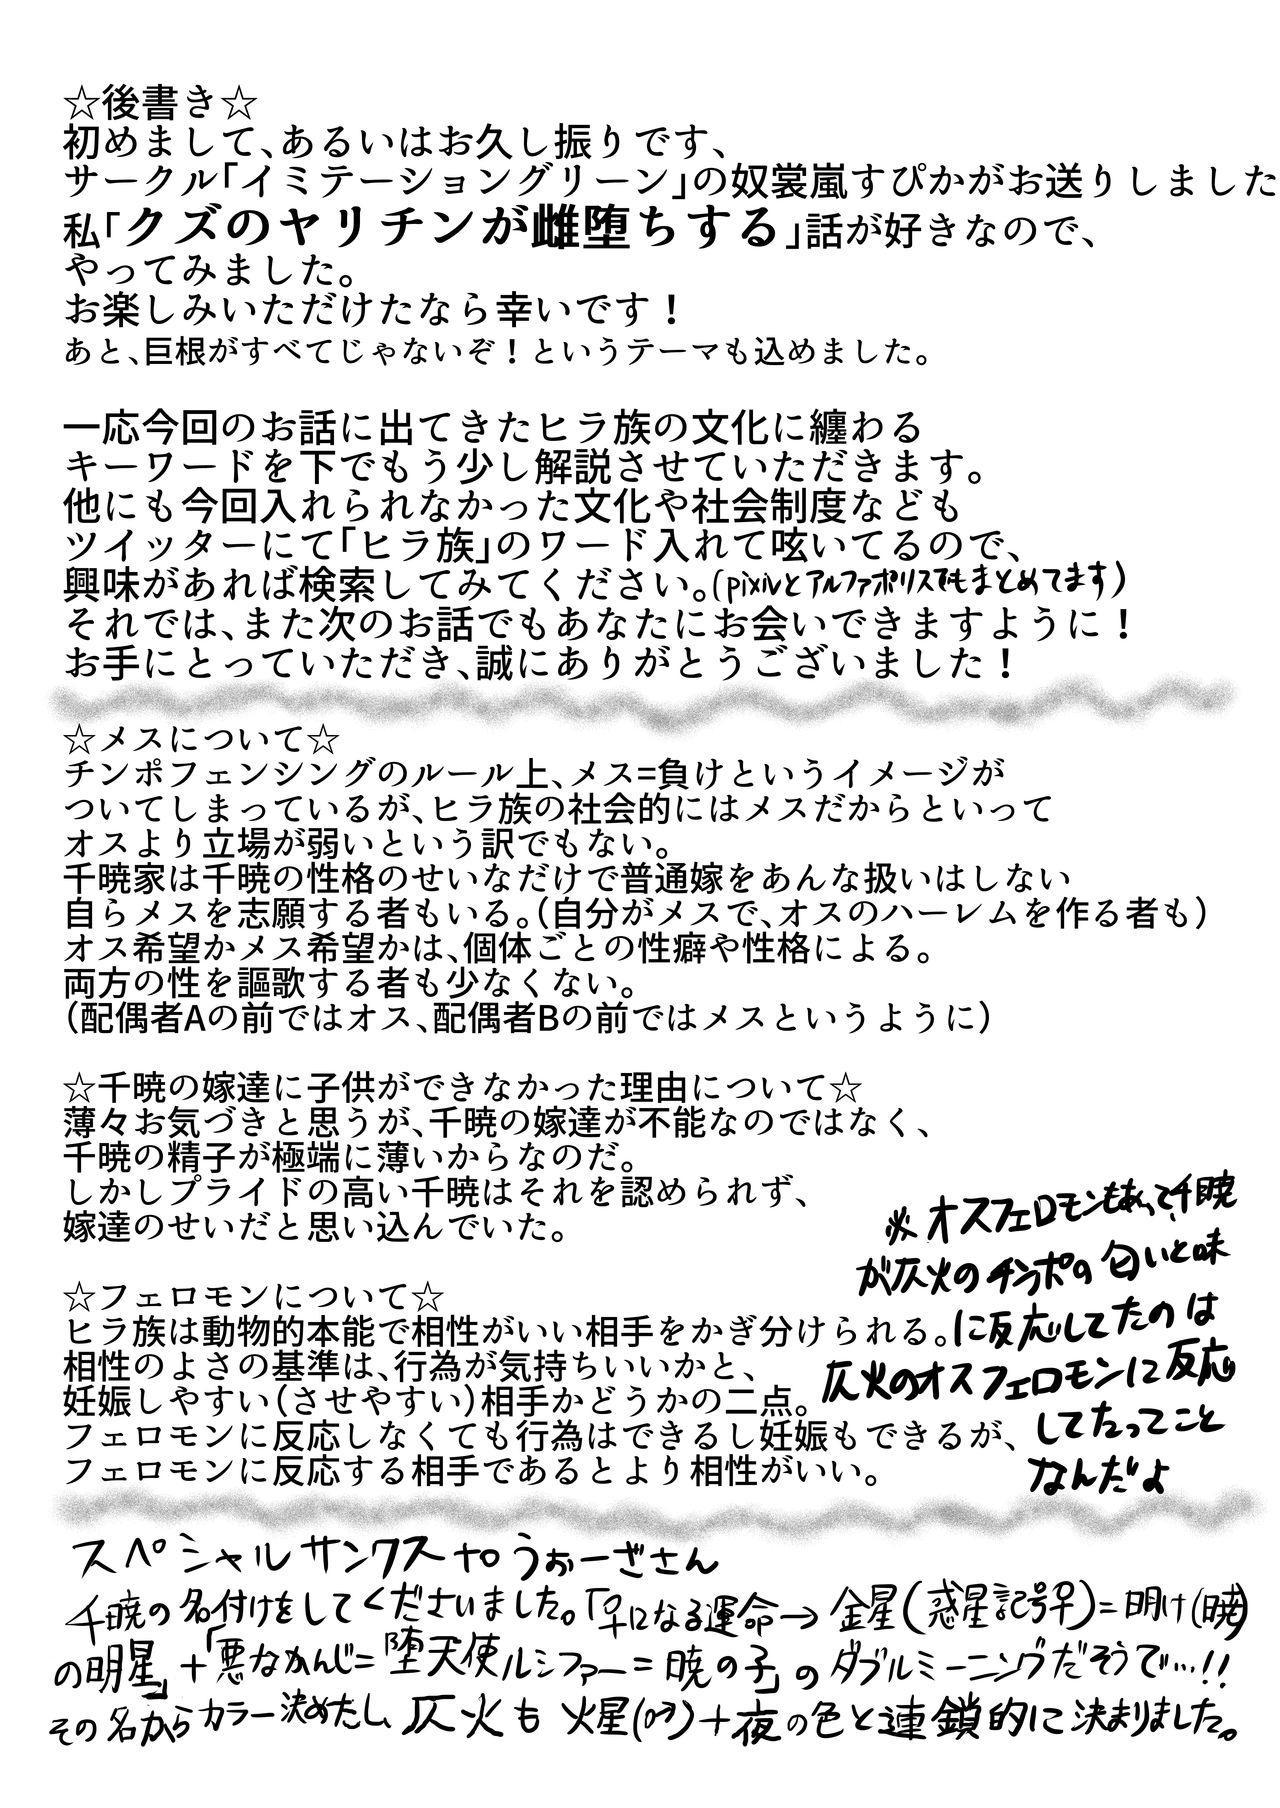 Hira-zoku no Hanashi 36